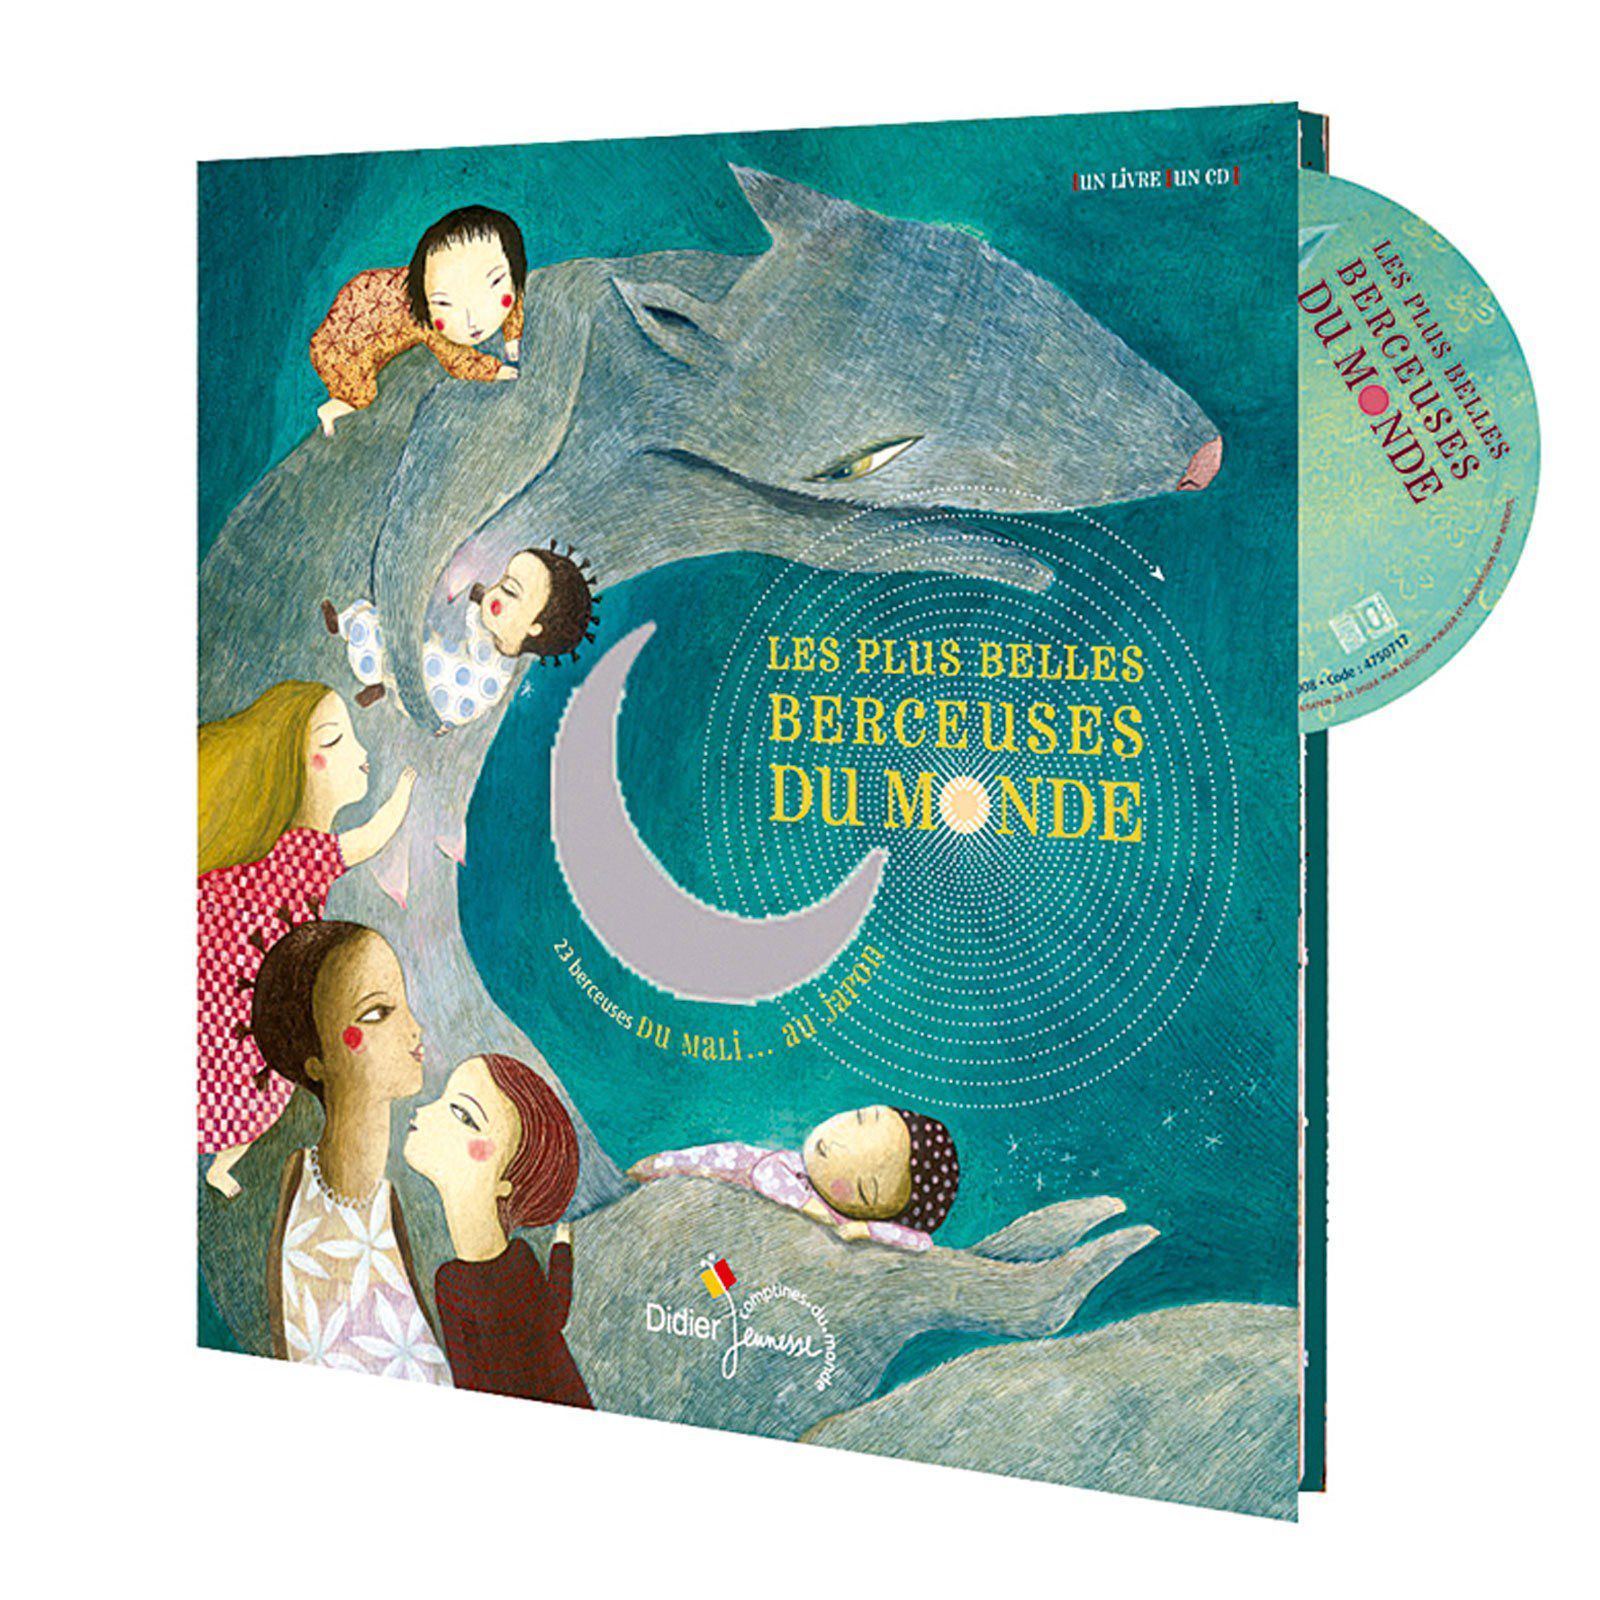 Les Plus Belles Berceuses du Monde, ou d'autres cd pour bébé